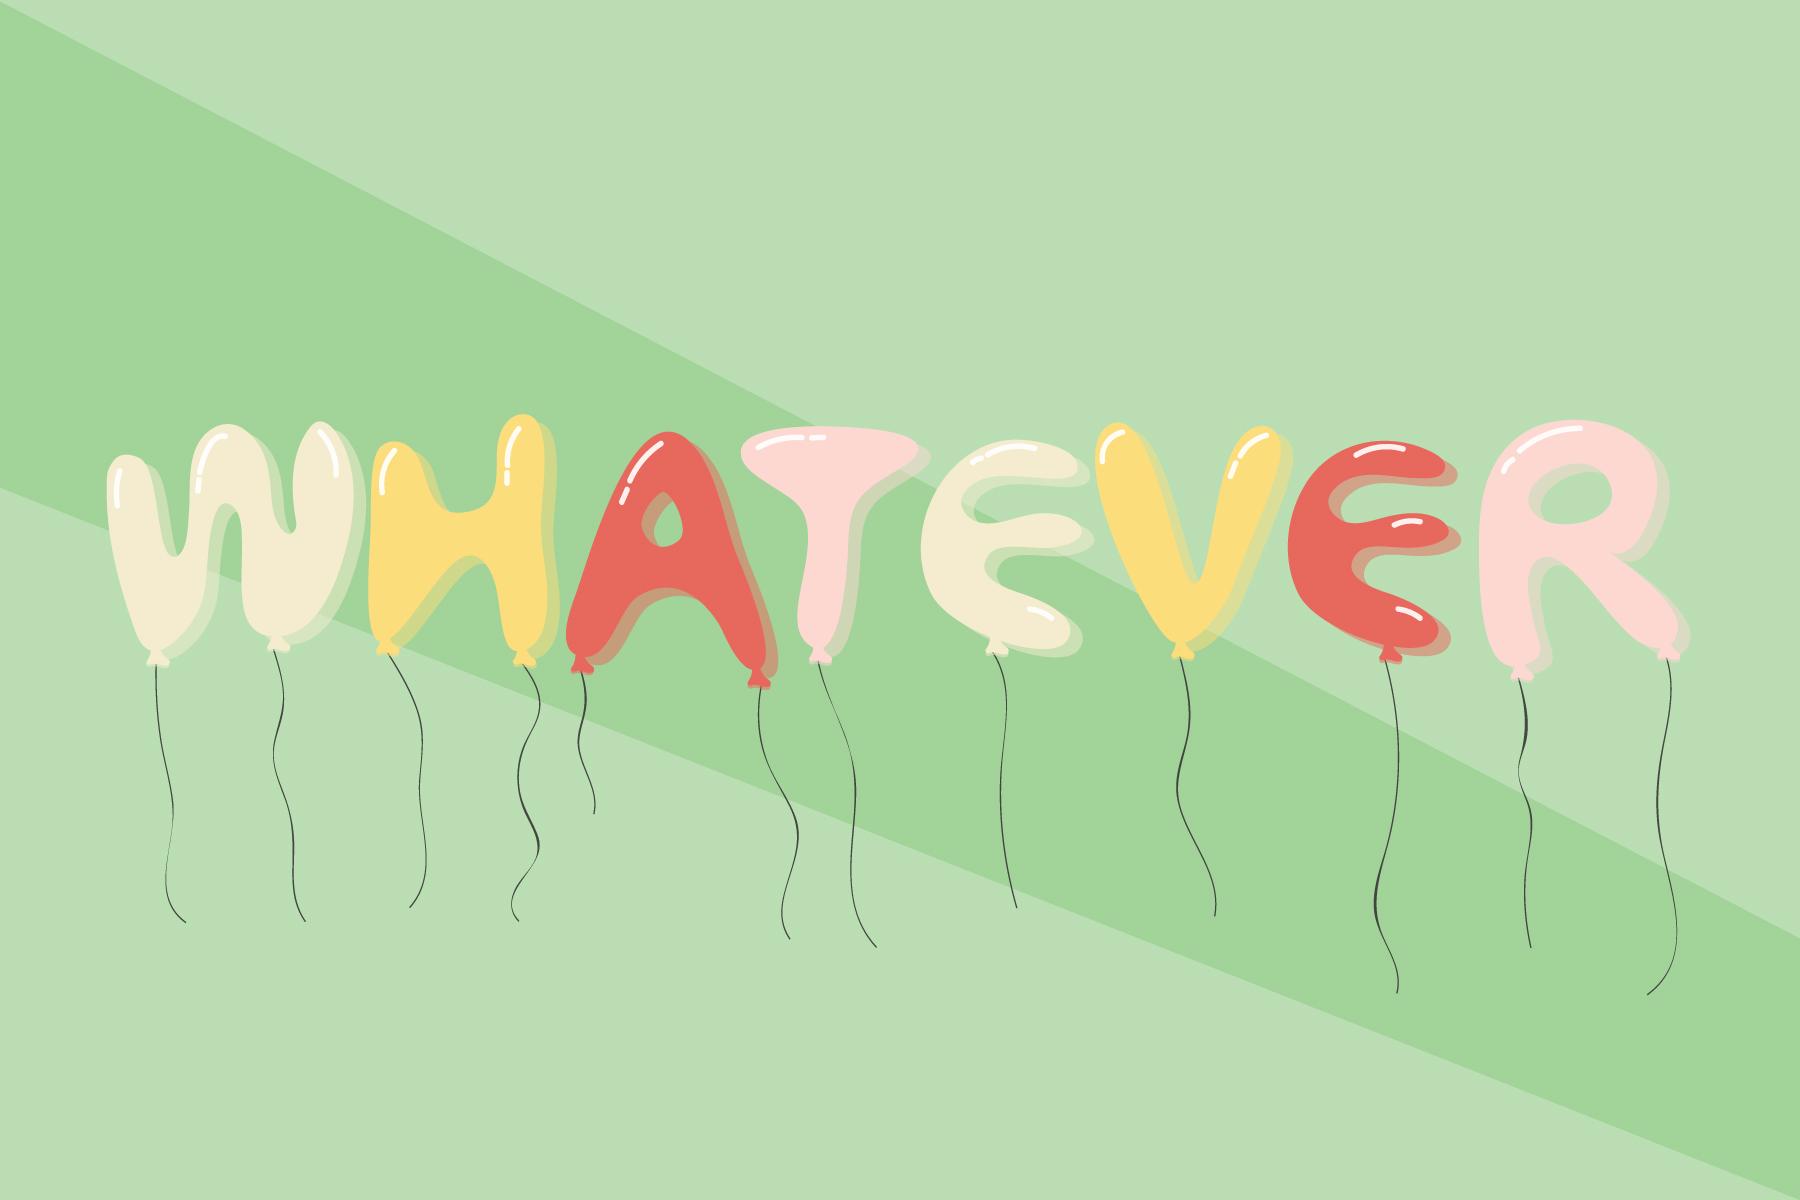 whatever-01.jpg